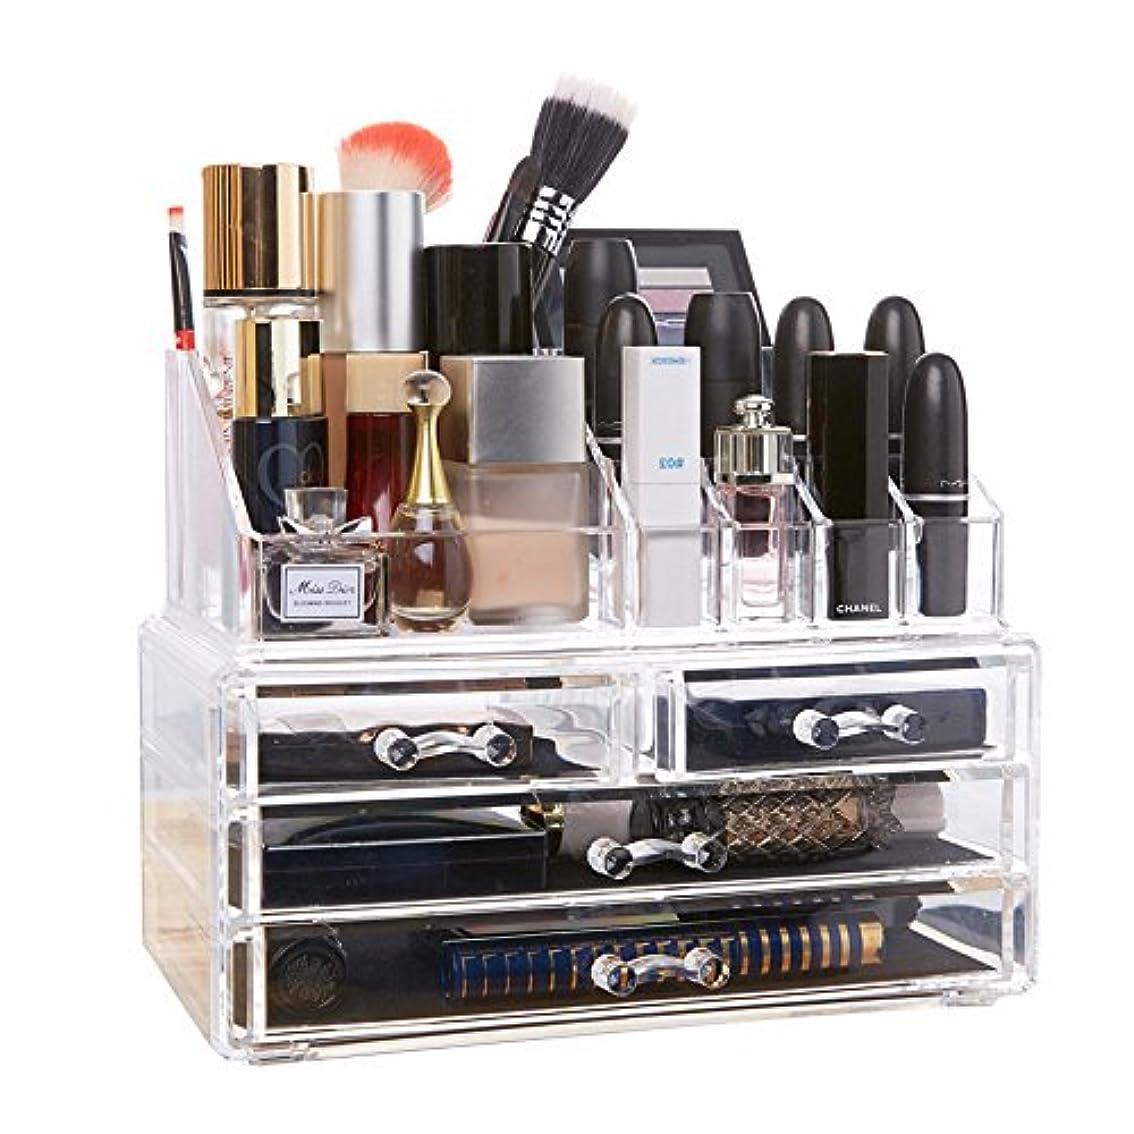 指定ソファーベッドを作るDreamGenius 化粧品収納ボックス メイクケース コスメ収納スタンド ジュエリーボックス 引き出し 小物/化粧品入れ 透明アクリル